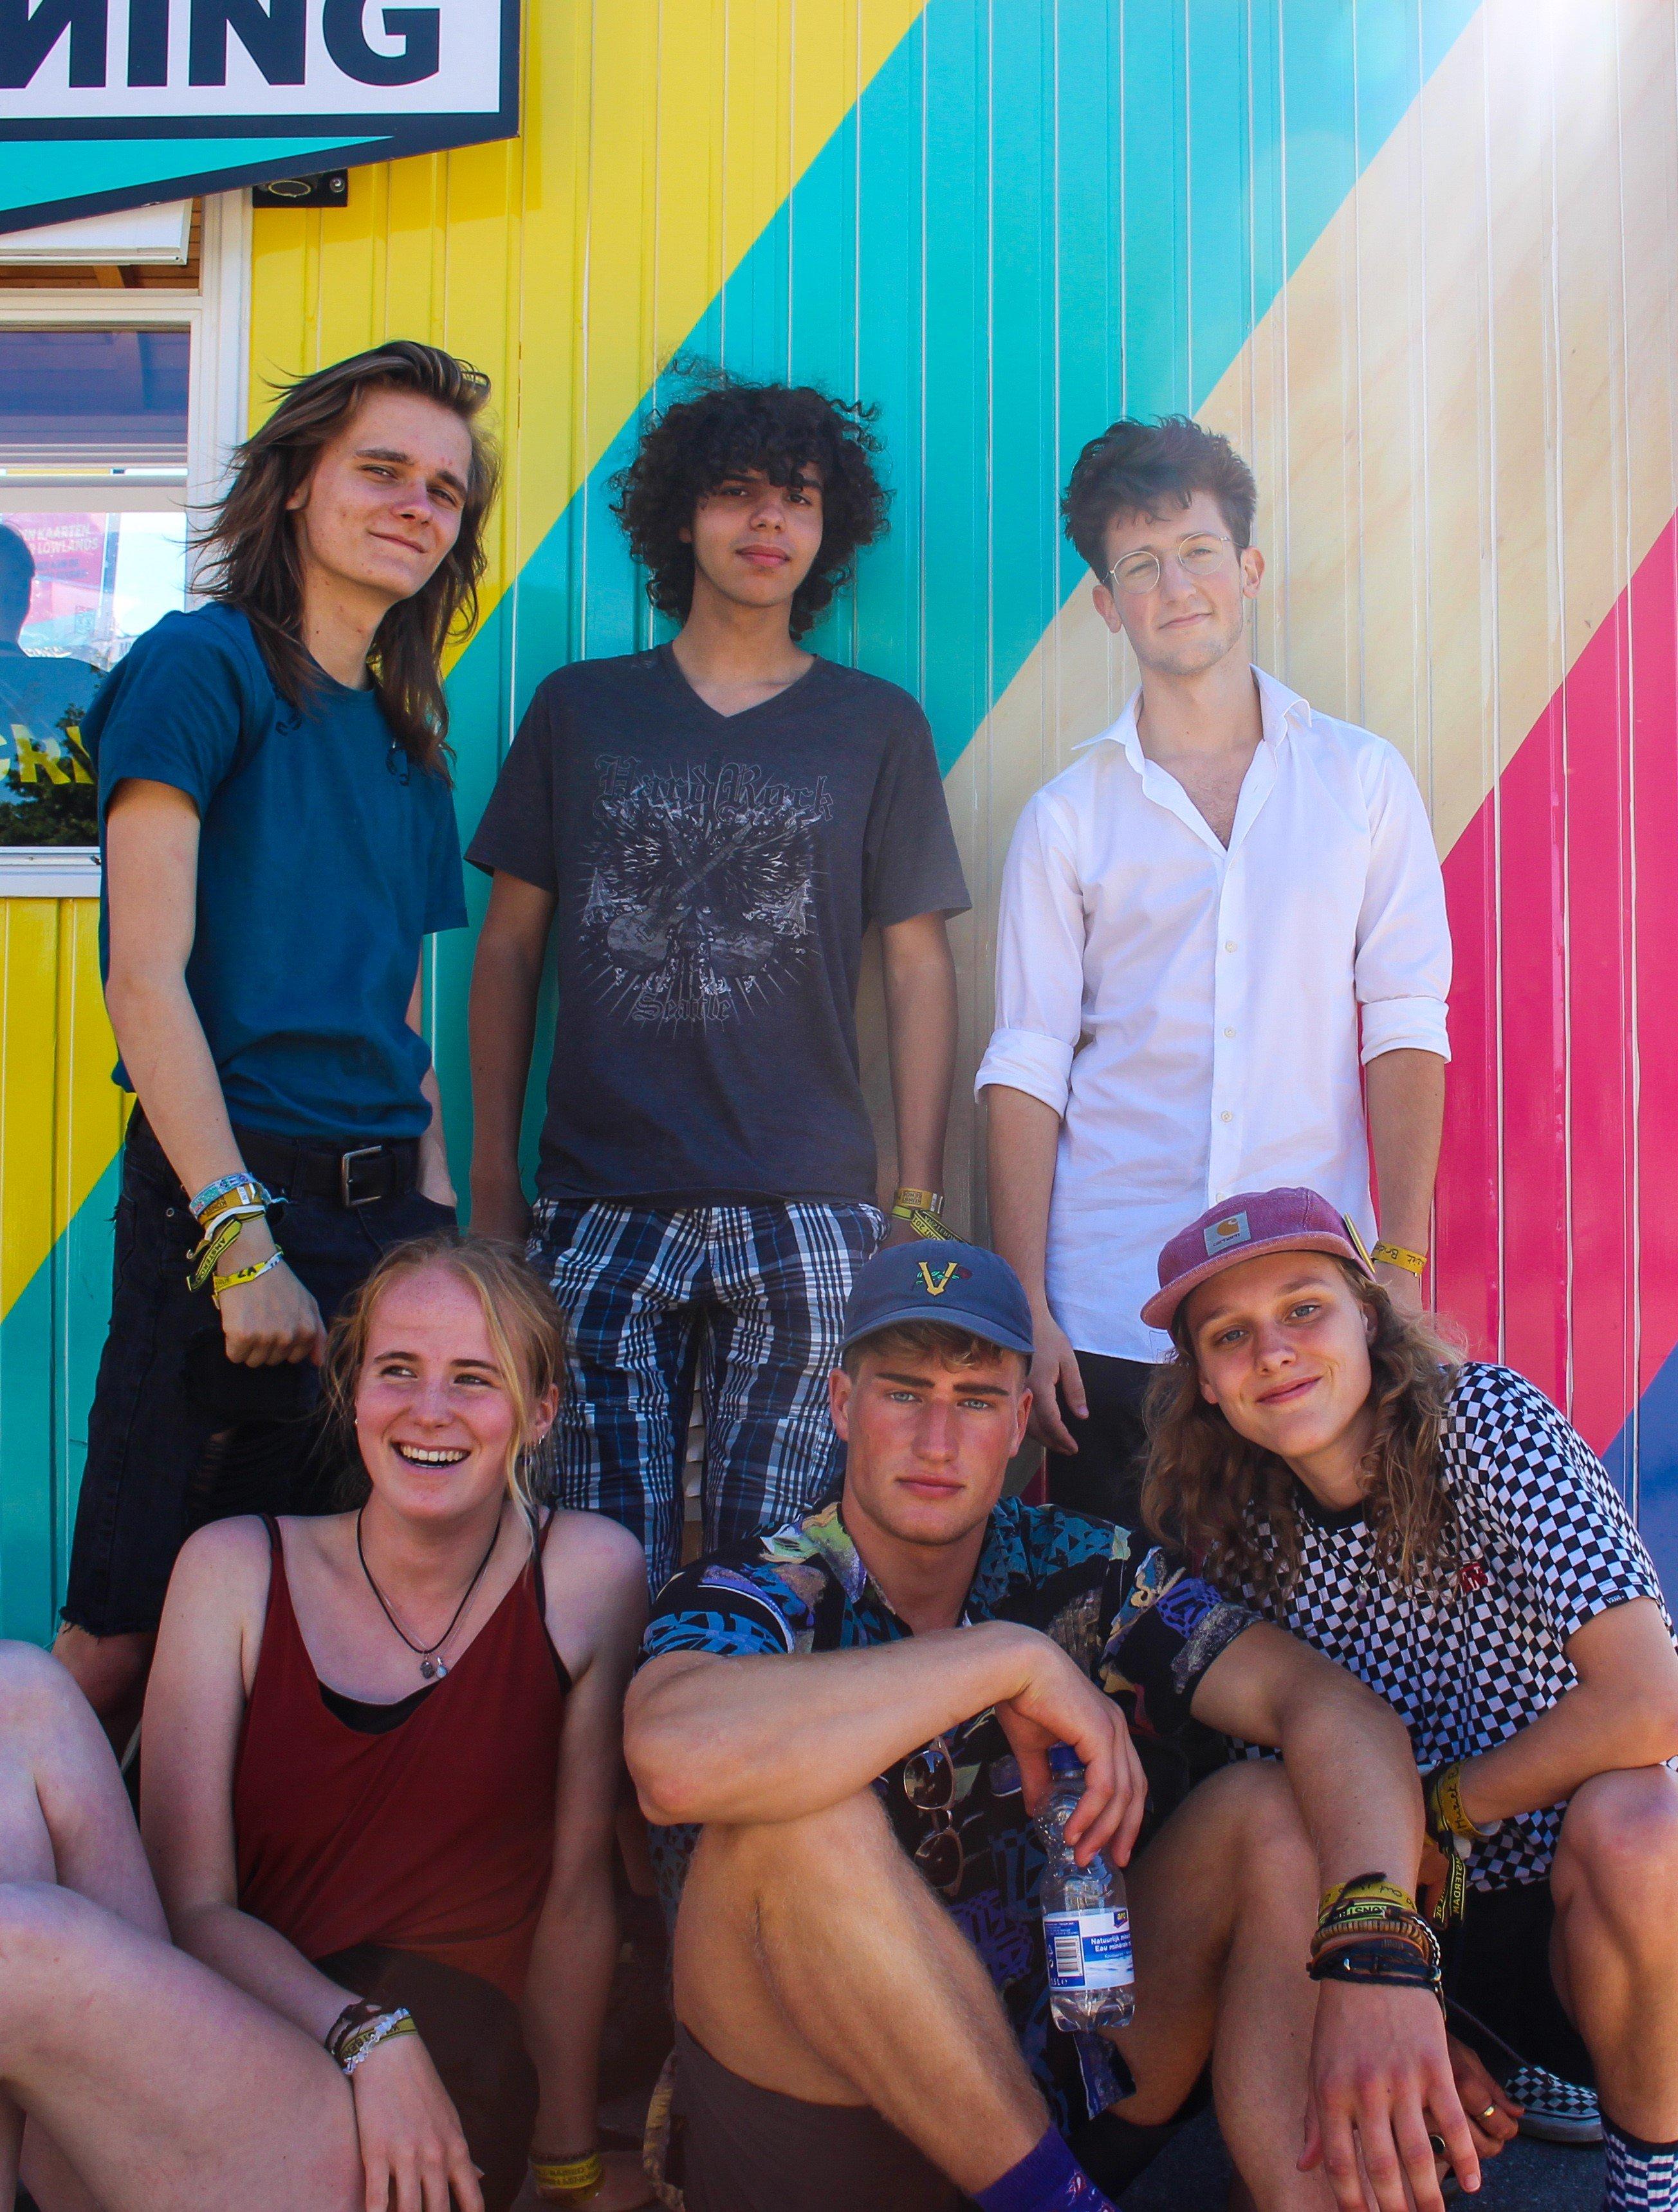 Boven: Stijn(l), Ruben(m) en Egor(r). Onder: Silva(l), Wouter(m) en Aurelia(r). Beeld: Elisa Lo-A-Njoe.